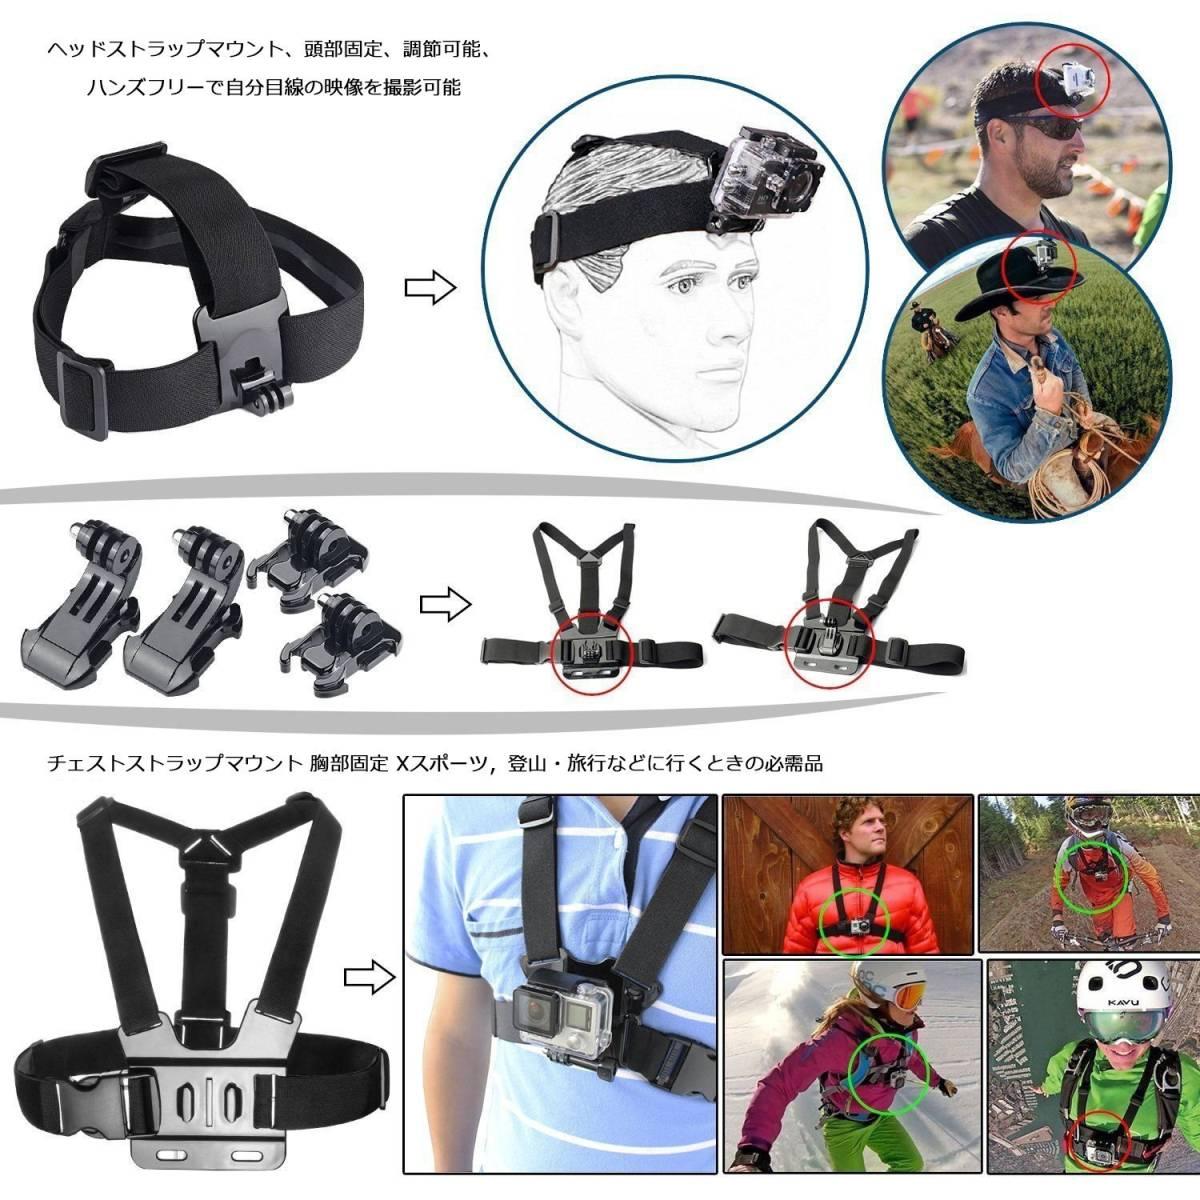 最新2018年モデル GoPro Hero 7 Black ゴープロ レンタル 4泊5日 アクセサリー フルセット バッテリー3個 前日お届け アクションカメラ_画像3